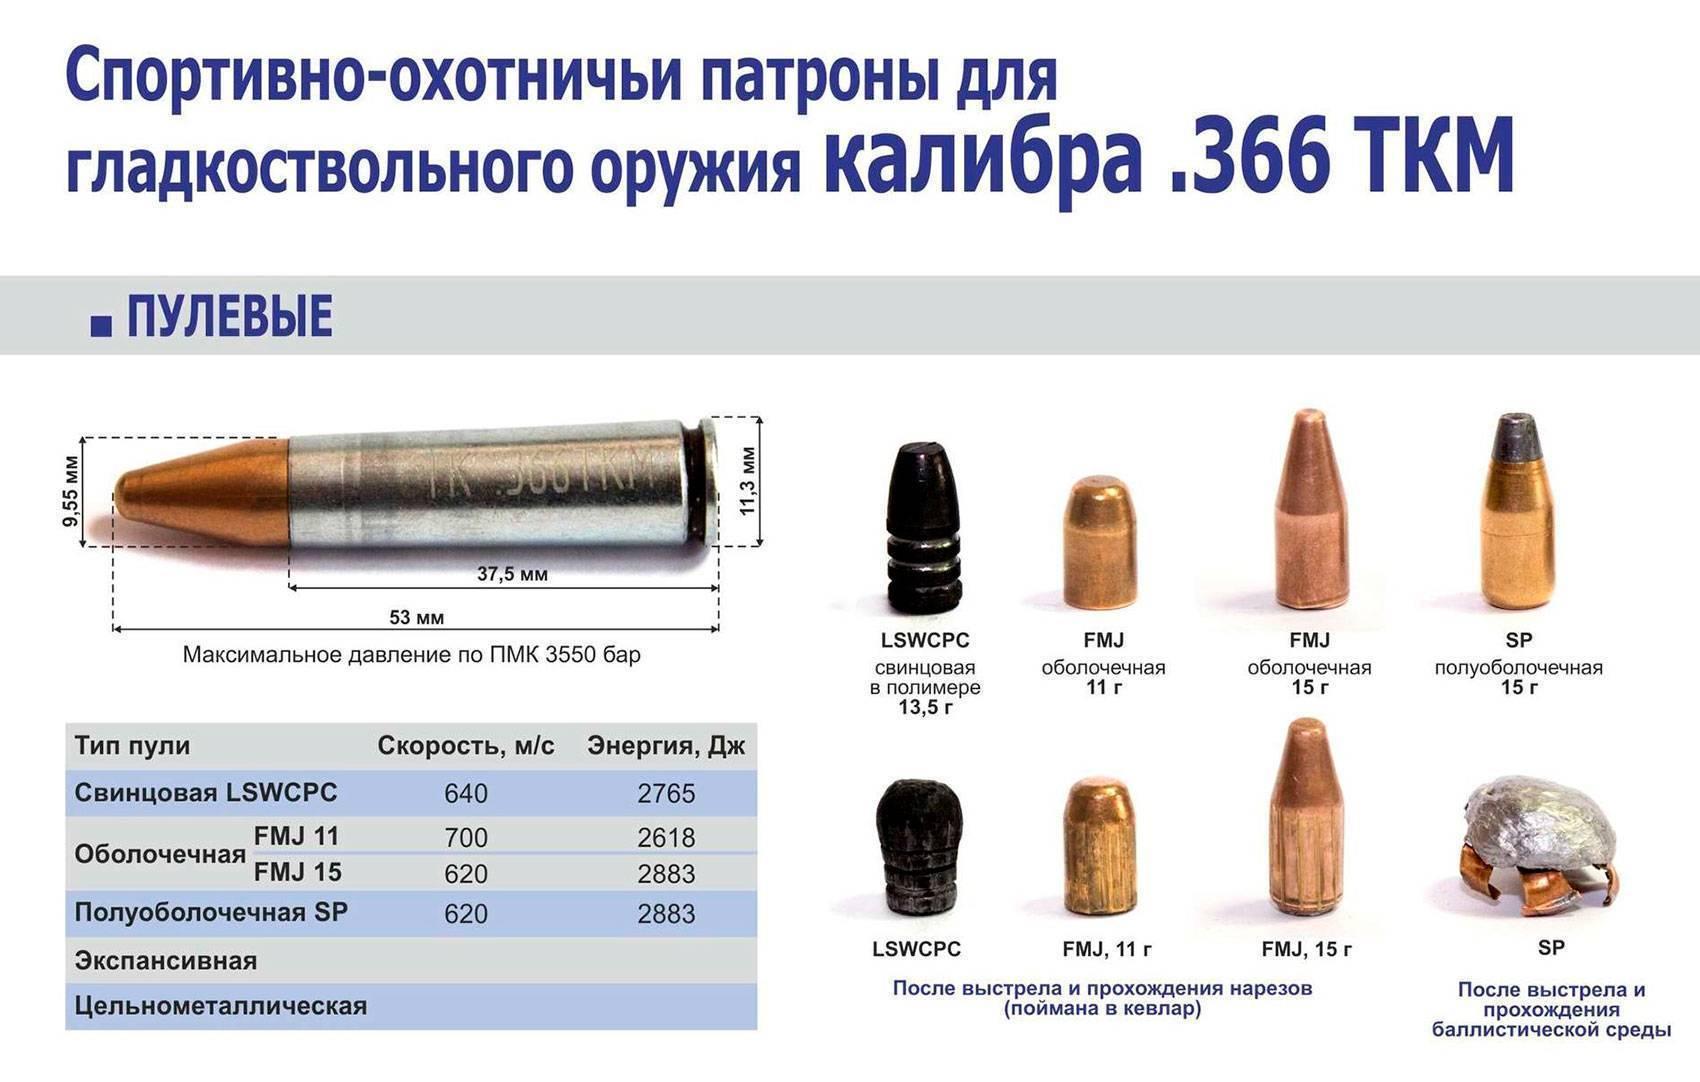 Патроны для охоты на нарезное и гладкоствольное оружие. типы, калибры, область применения